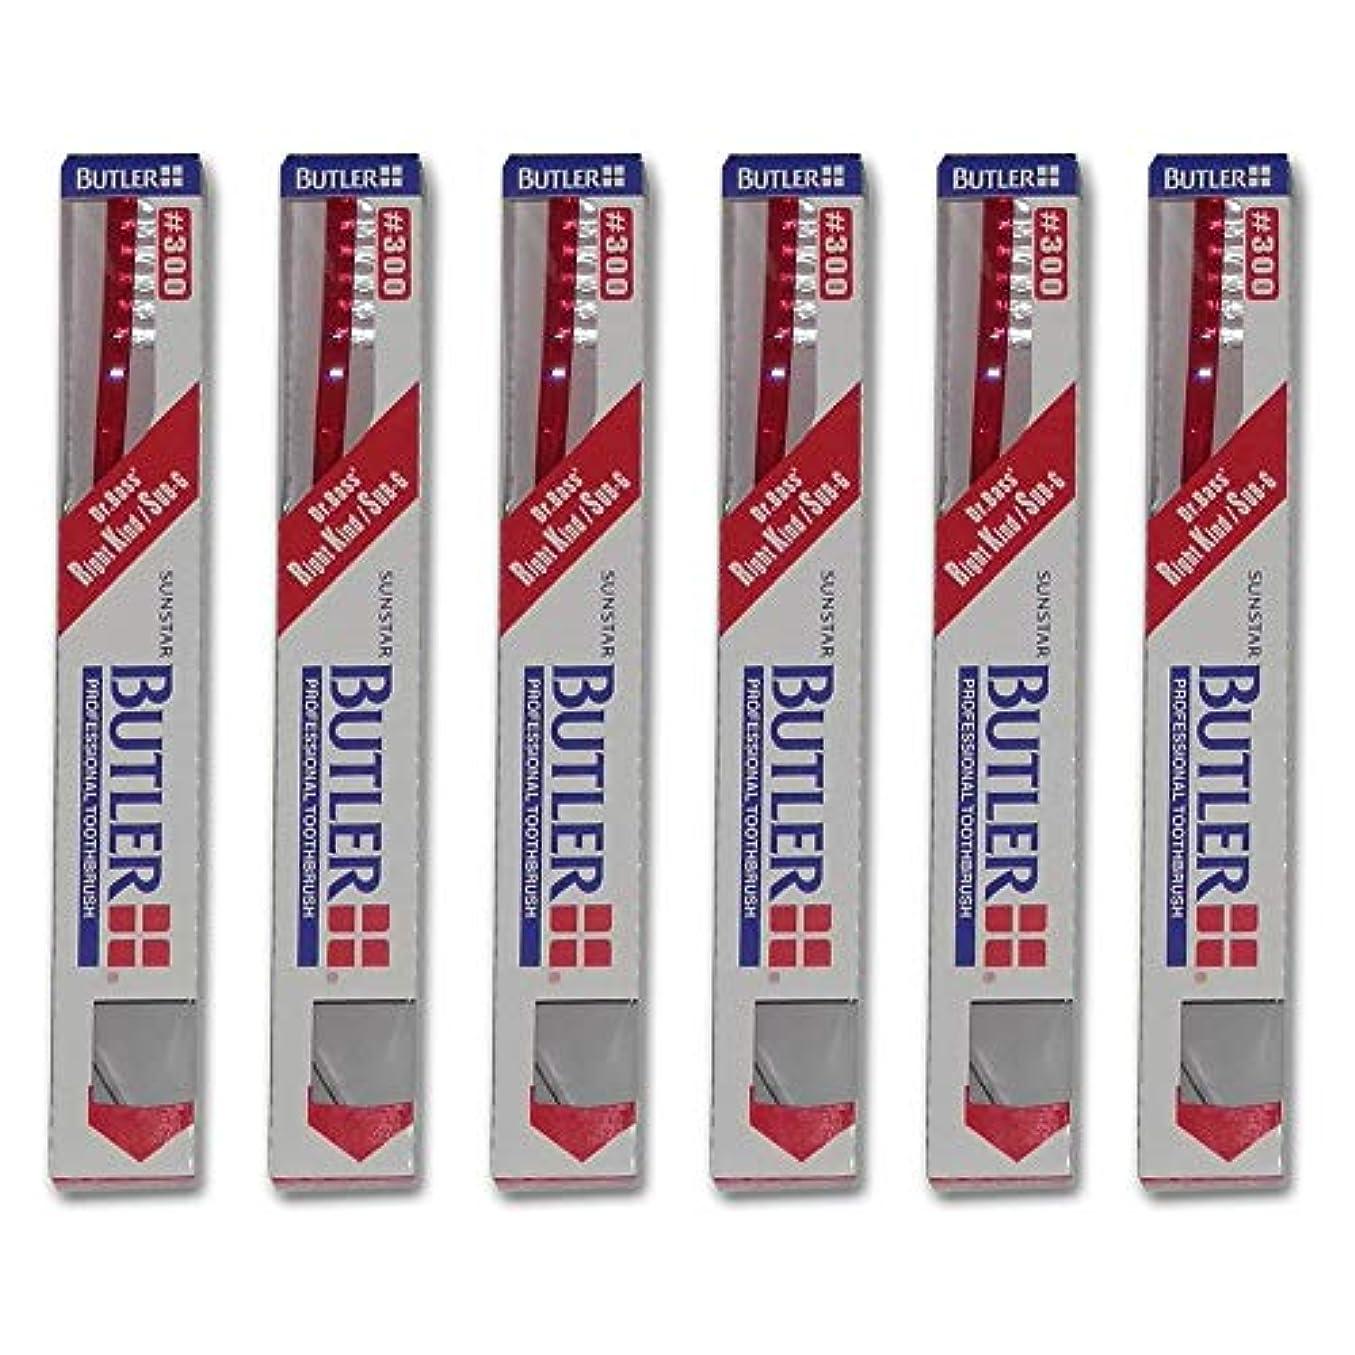 ページ不実根拠バトラー 歯ブラシ 6本 #300